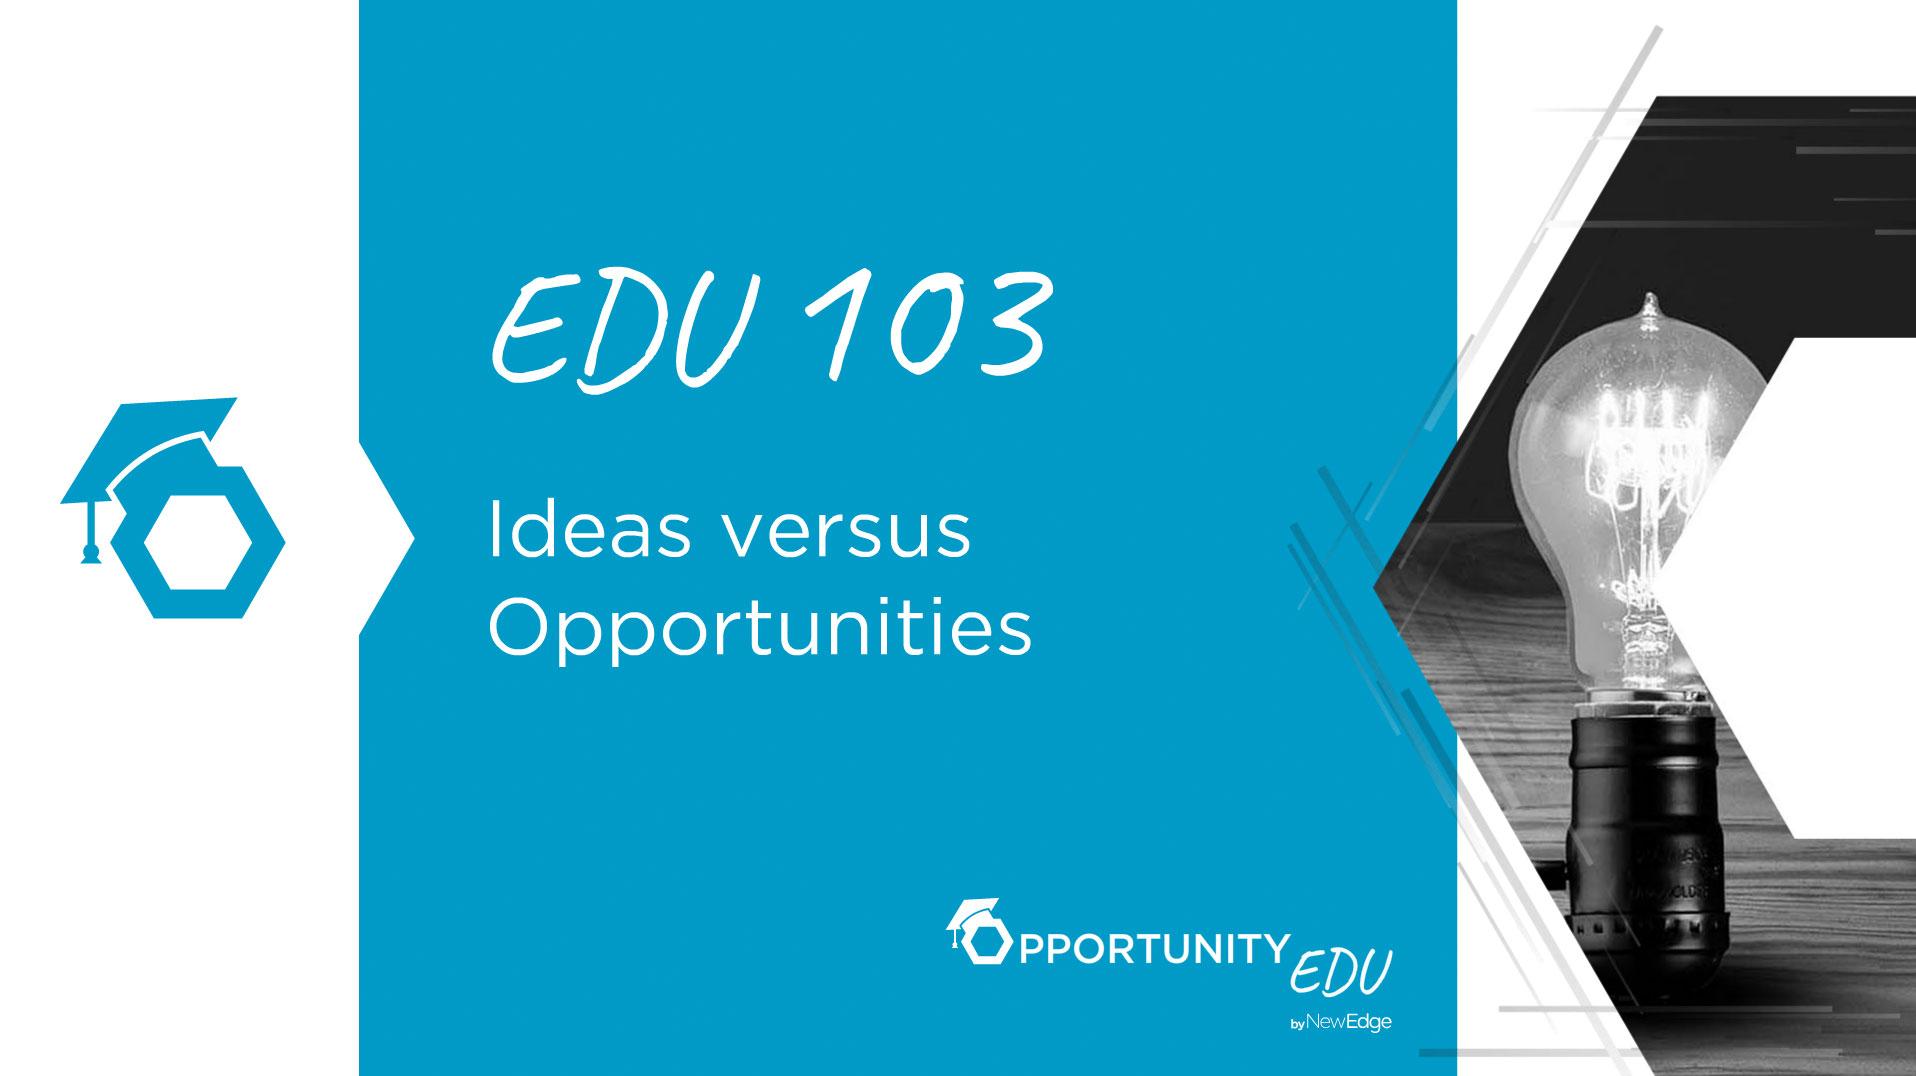 EDU 103